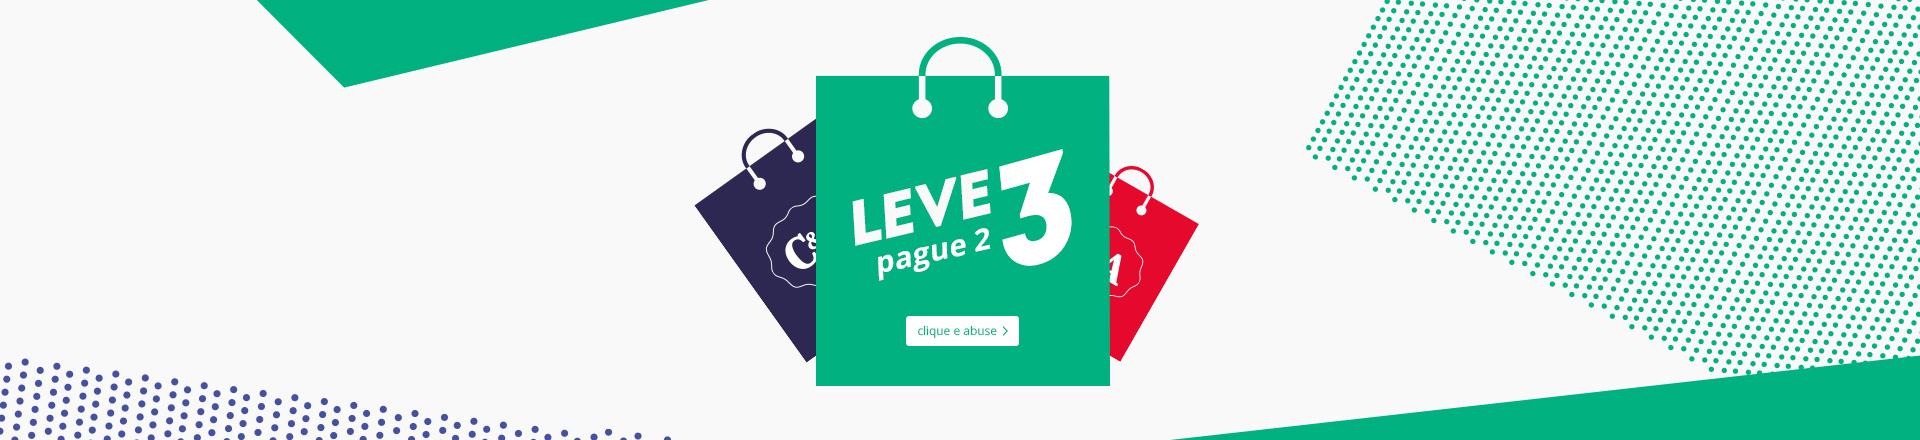 DEST27 M LEVE 3 PAGUE 2